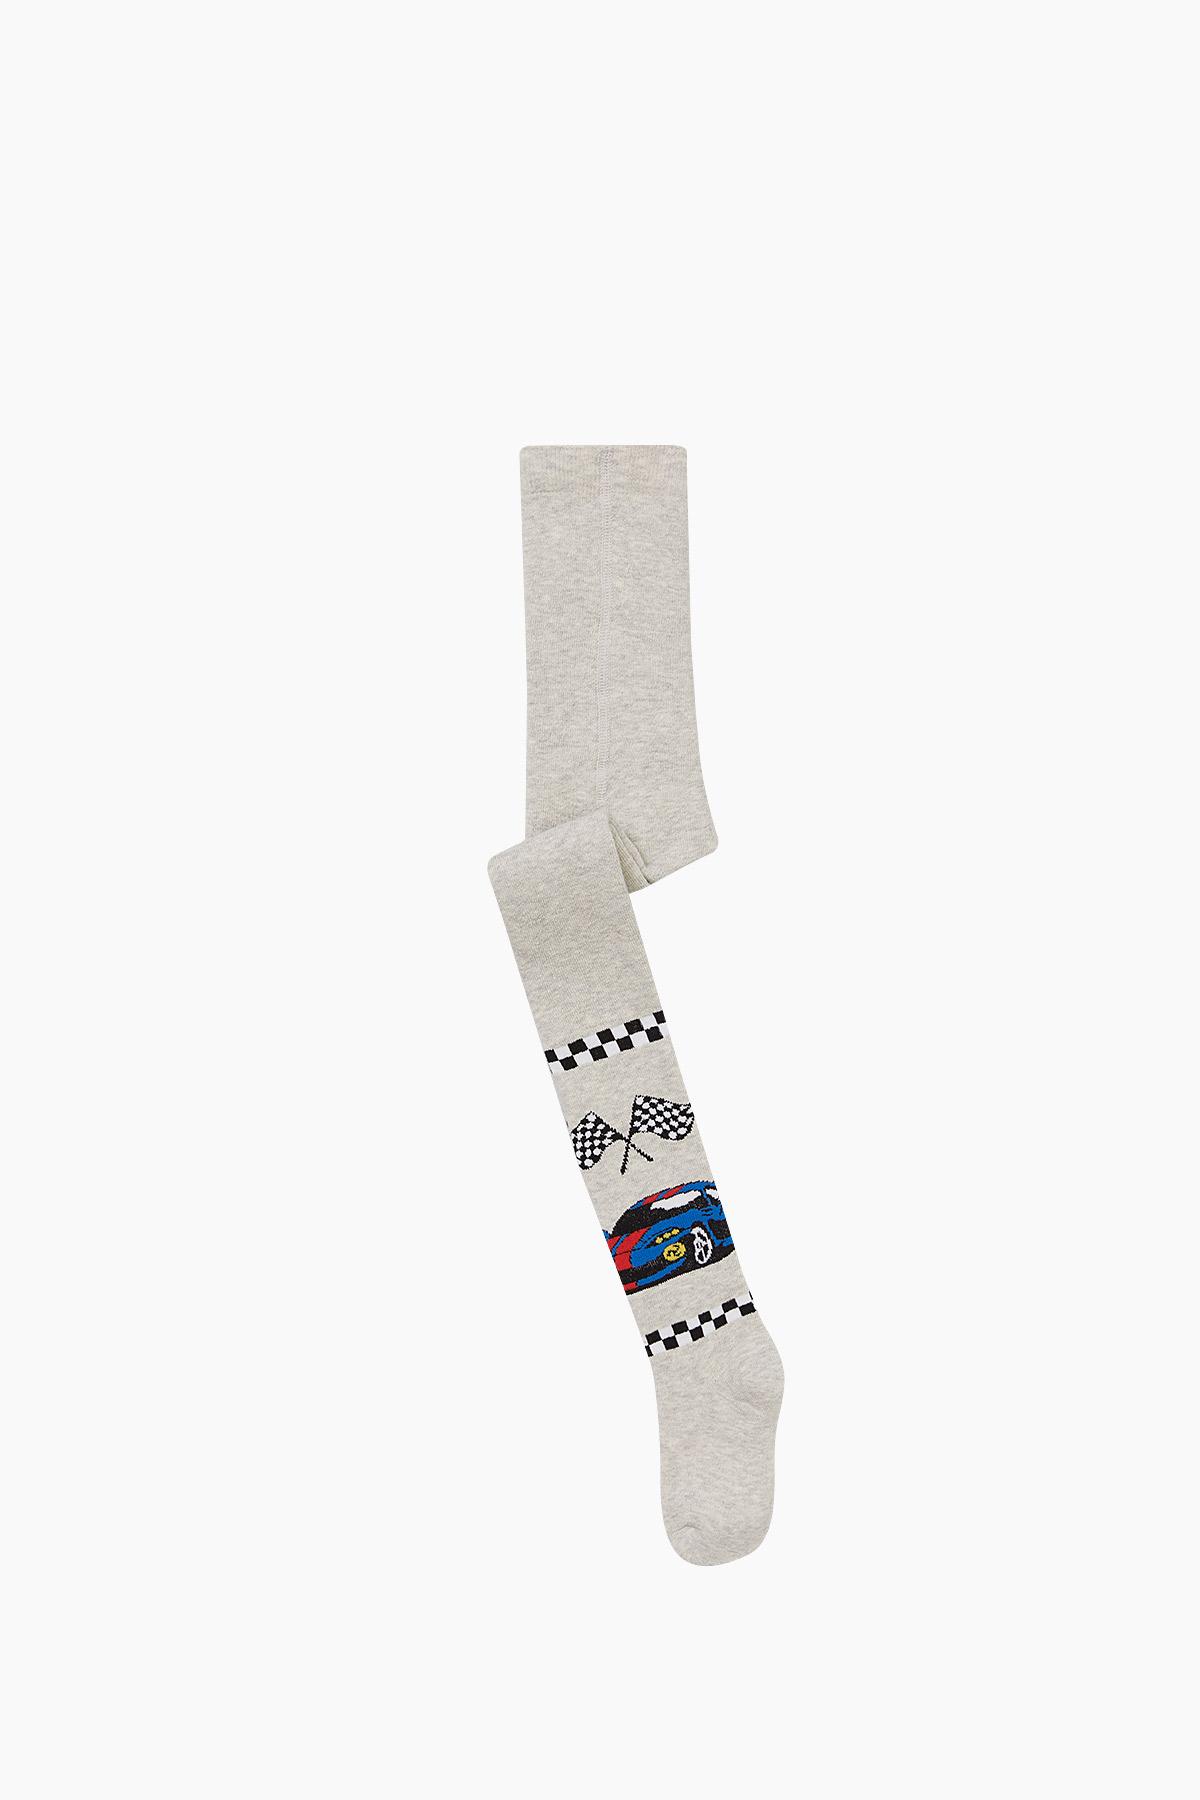 Bross - Auto Muster Handtuch Strumpfhosen für Kinder